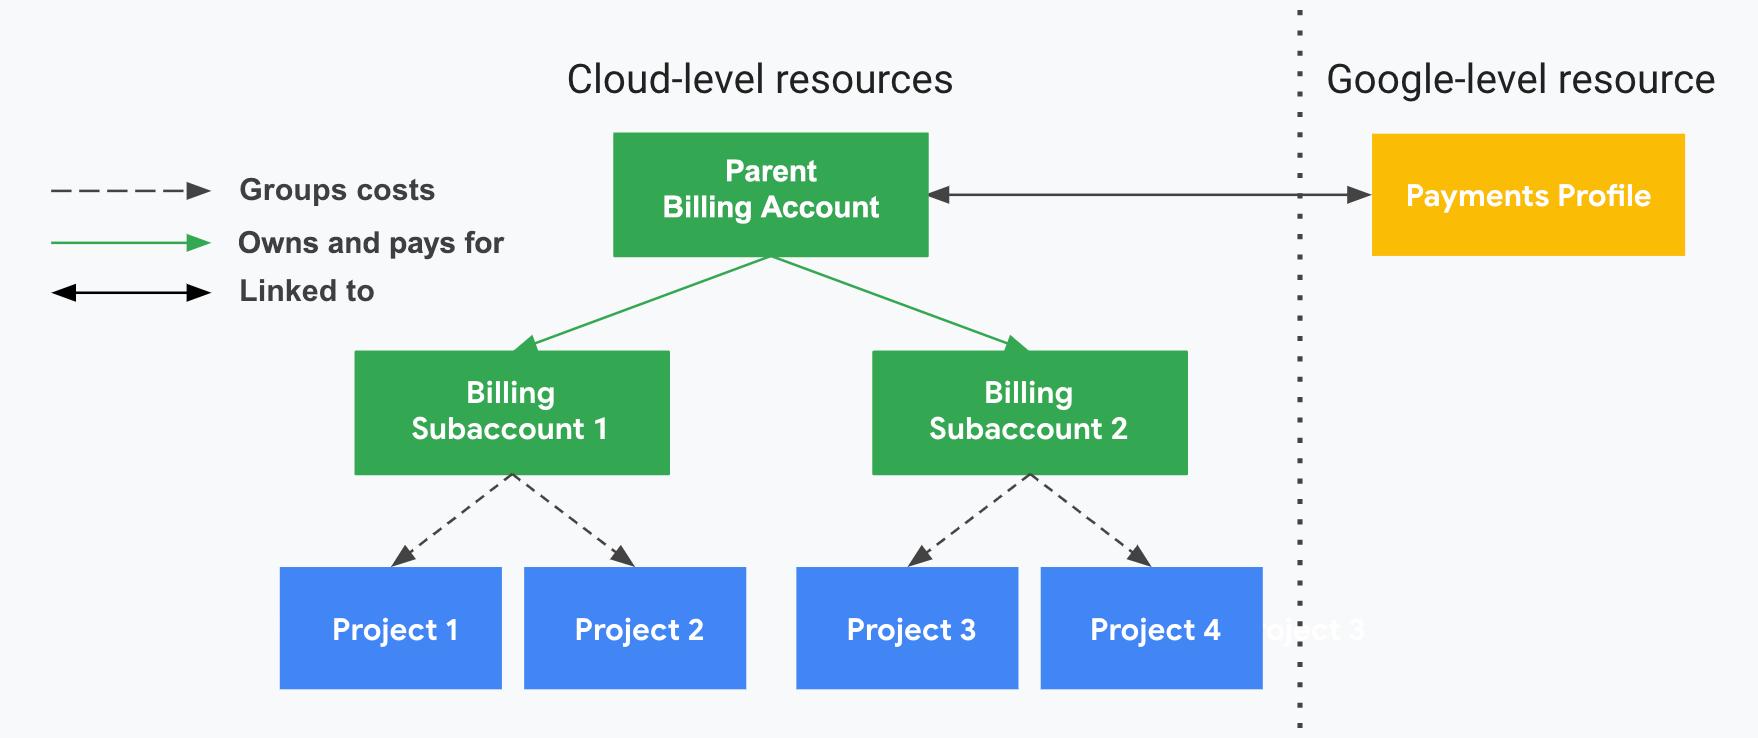 Ilustração que descreve como os projetos se relacionam a contas e subcontas de faturamento do Cloud e a seu perfil para pagamentos. Em um lado estão os recursos no nível do Cloud (conta e subcontas de faturamento do Cloud e projetos associados). No outro lado, dividido por uma linha vertical pontilhada, está seu recurso no nível do Google (um perfil para pagamentos). Os projetos são pagos pelas subcontas de faturamento do Cloud. As subcontas são pagas pela conta de faturamento mestre do Cloud, que está vinculada ao seu perfil para pagamentos.